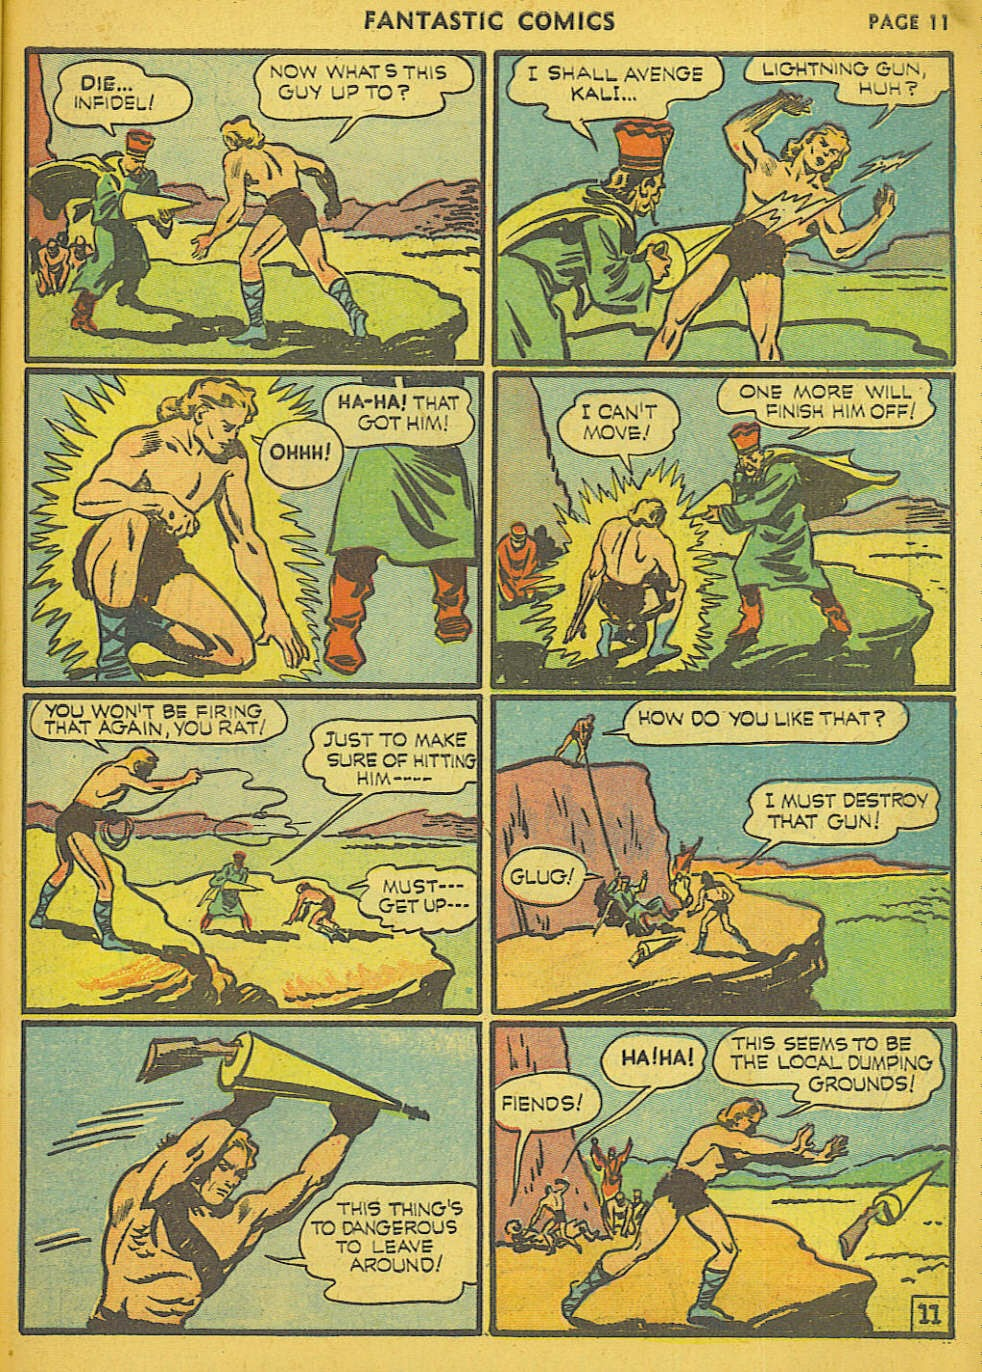 Read online Fantastic Comics comic -  Issue #15 - 4